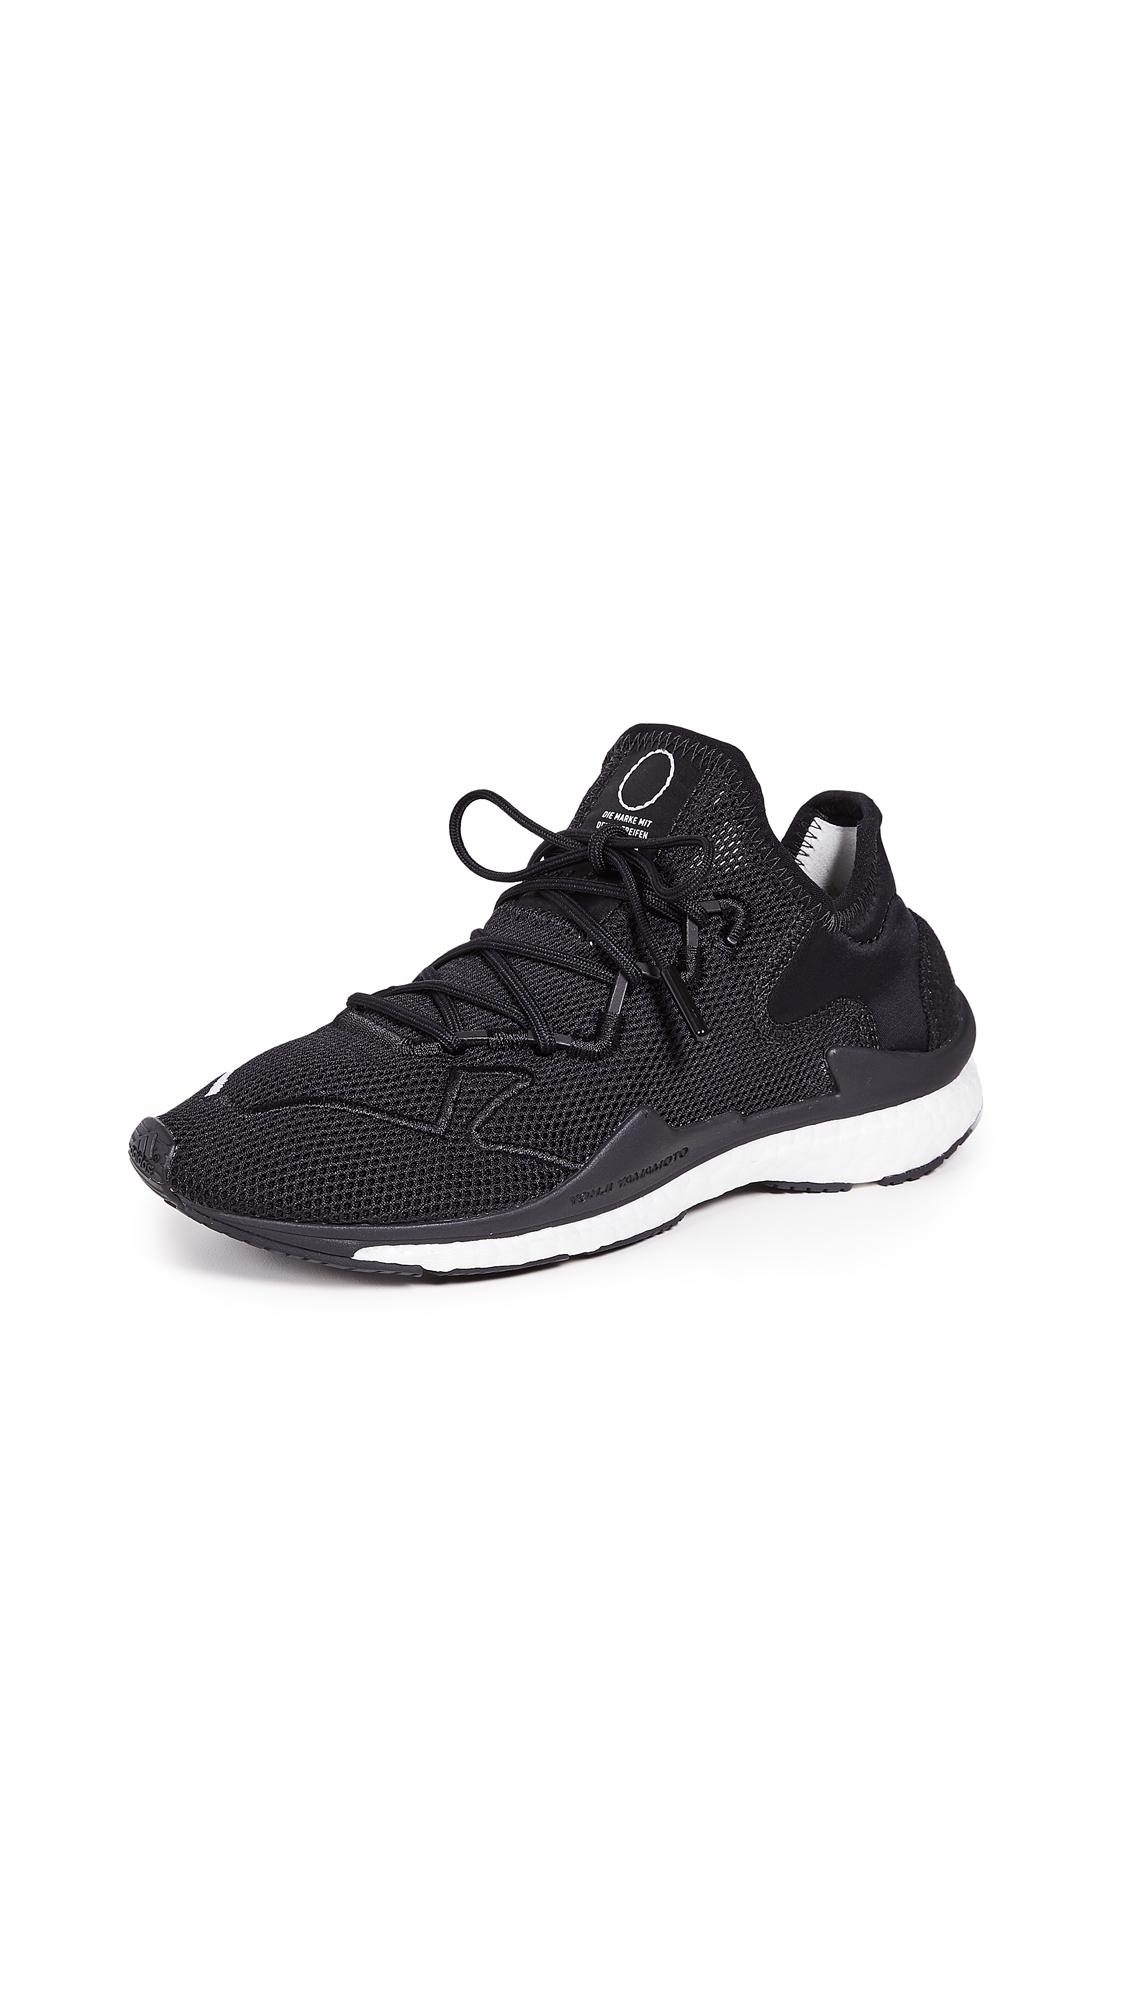 Y-3 Y-3 Adizero Runner Sneakers